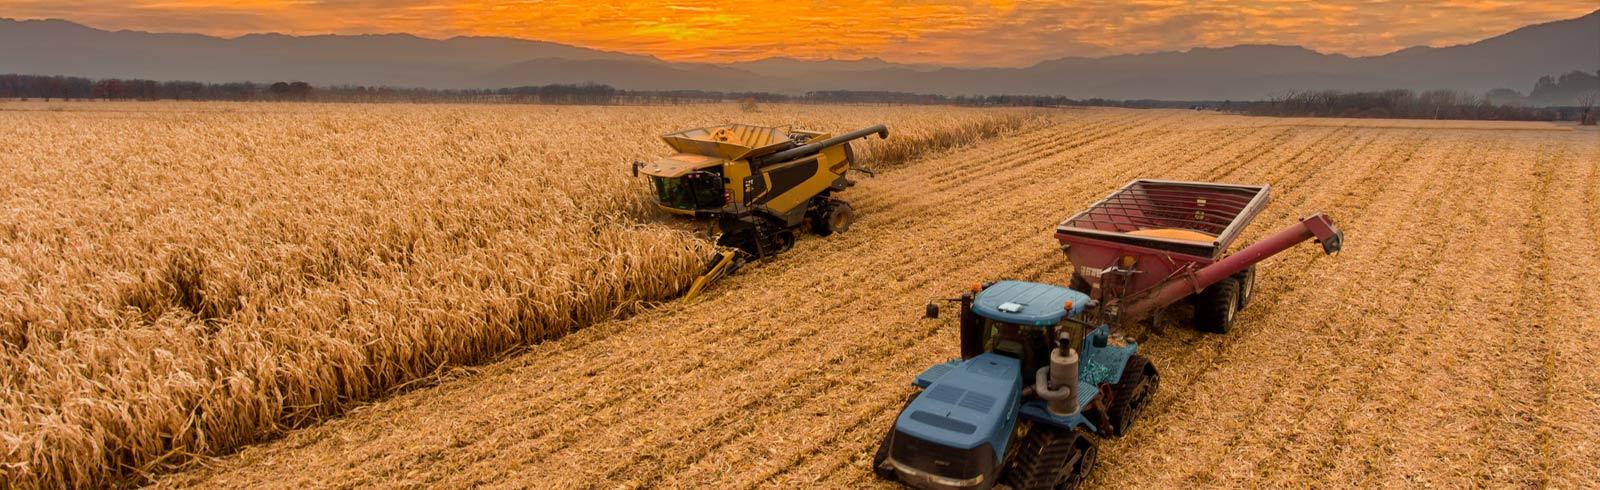 https://newfepa.com/wp-content/uploads/2021/02/Fepa-Estampación-Agricultura©.jpg